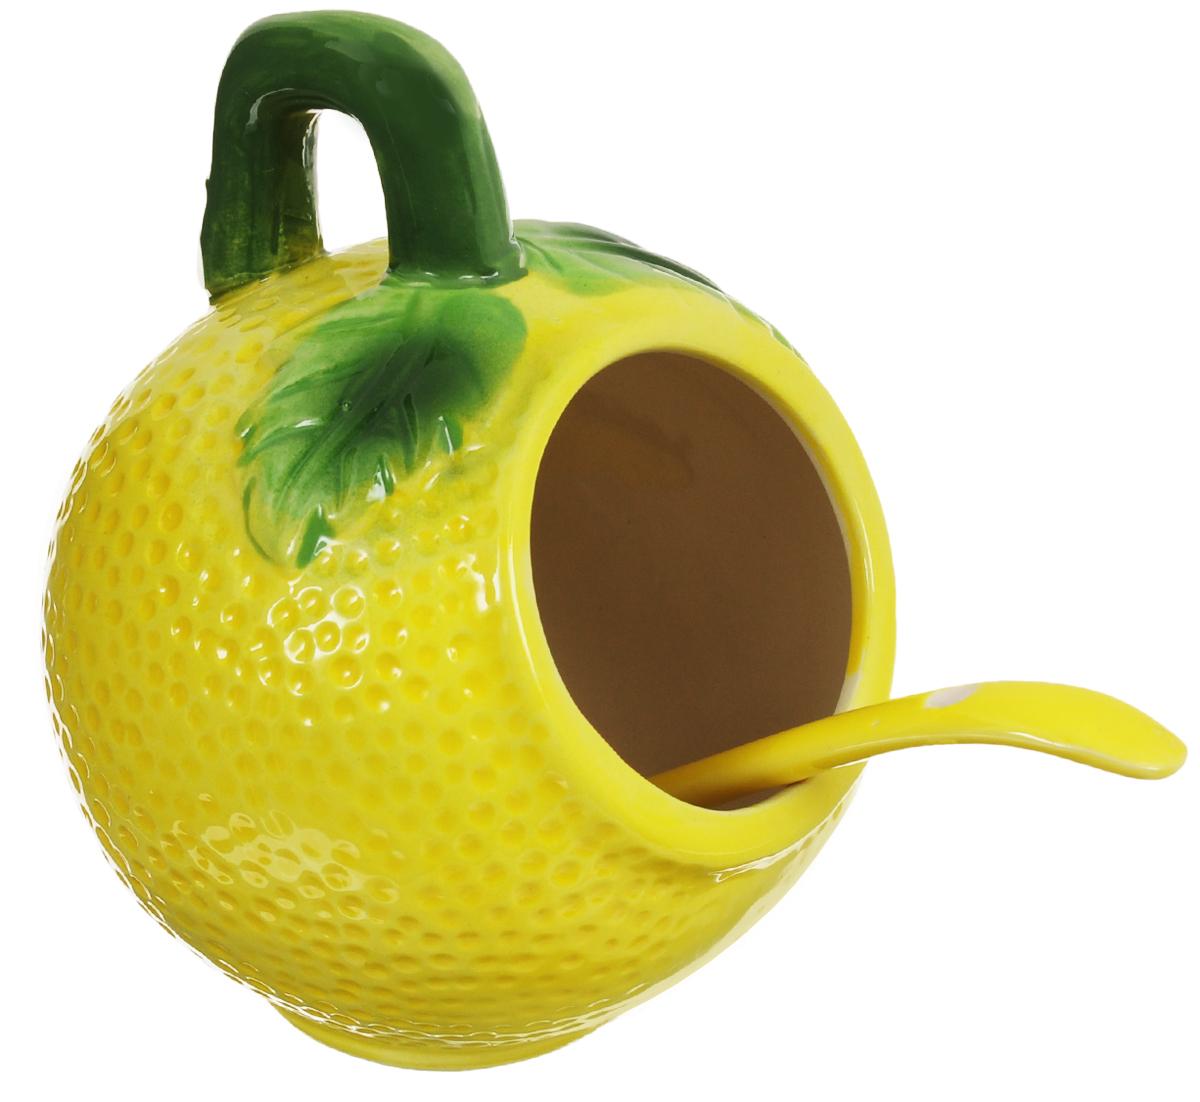 Банка для соли Elan Gallery Лимон, с ложкой, 250 мл110740Банка для соли Elan Gallery Лимон, изготовленная из высококачественной керамики, подойдет не только для соли, но и для сахара, специй и даже меда. Благодаря наклонной форме и ручке, она очень удобна в использовании. Изделие оформлено в виде лимона и имеет изысканный внешний вид. В комплект входит ложечка. Такая банка для соли стильно оформит интерьер кухни. Диаметр банки (по верхнему краю): 5 см.Высота банки (с учетом ручки): 10,5 см.Общая длина ложки: 12 см.Диаметр рабочей поверхности ложки: 3 см.